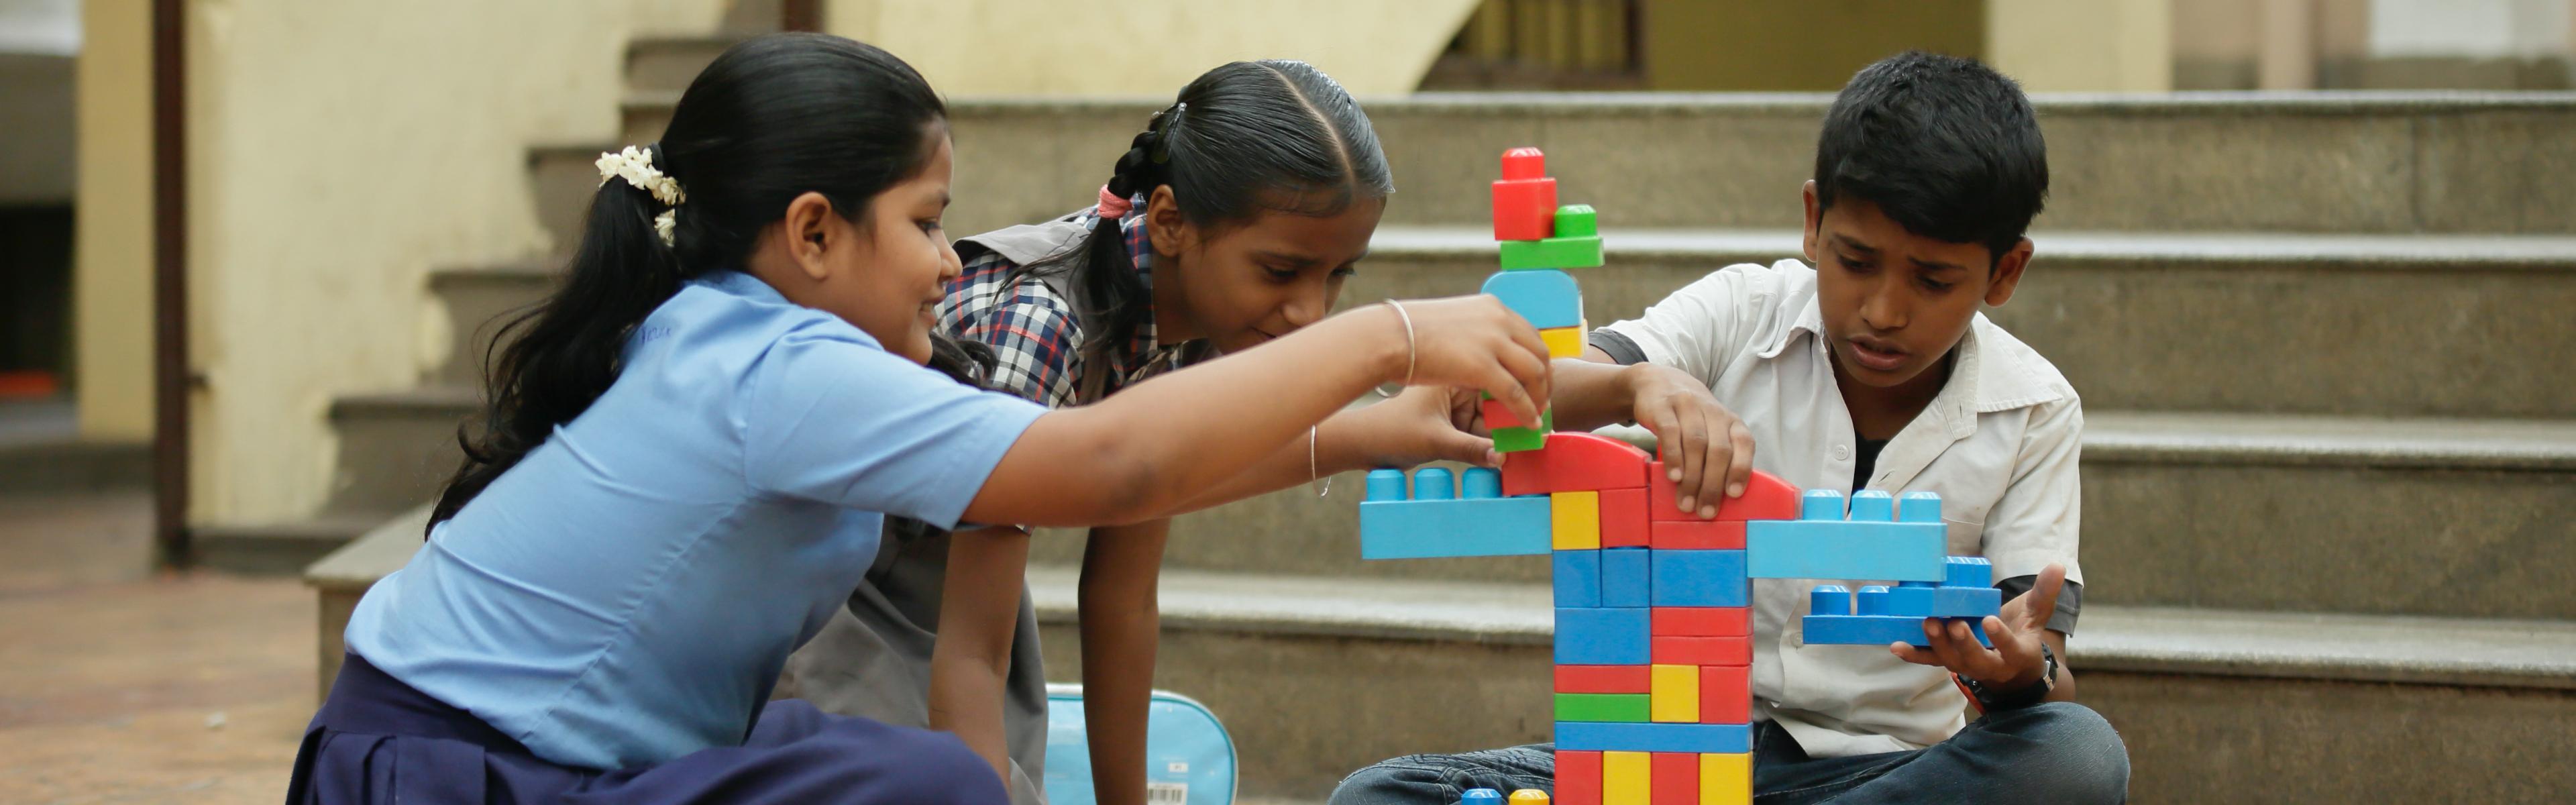 best ngo in bangalore - Makkala Jagriti